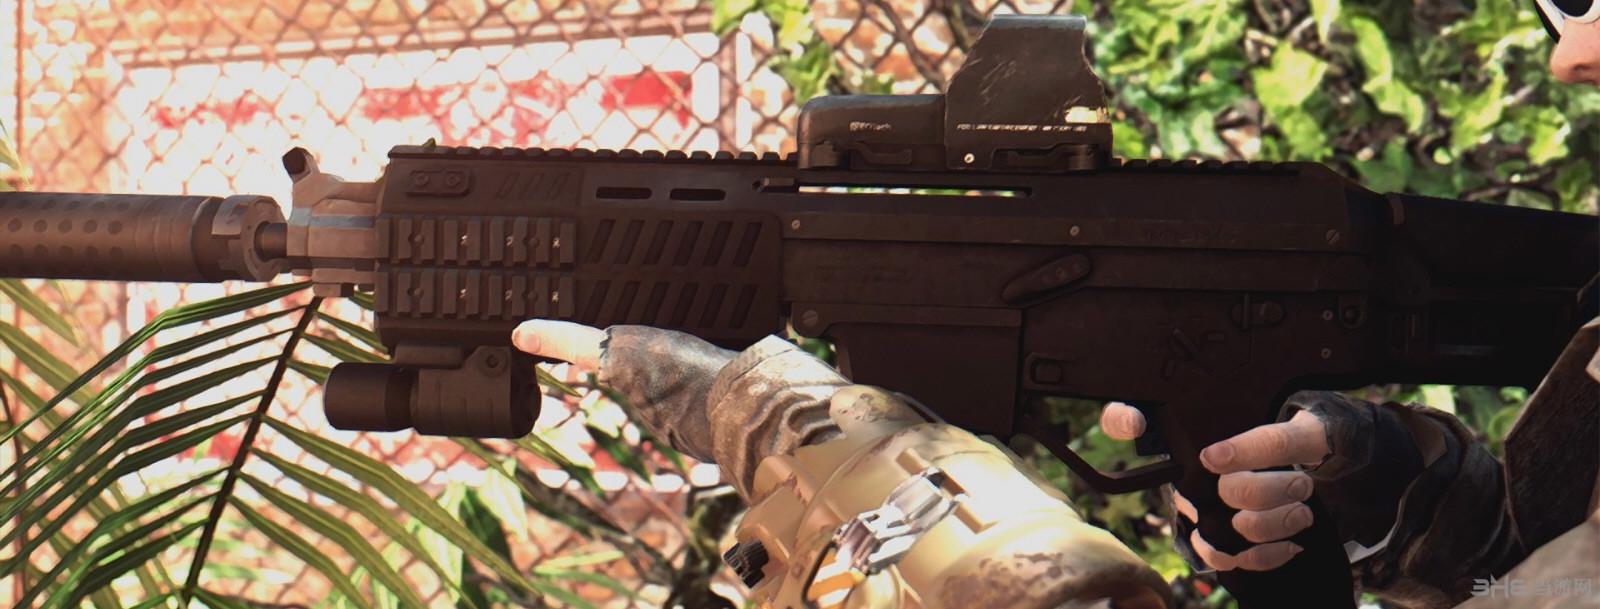 辐射4LK-05步枪MOD截图3